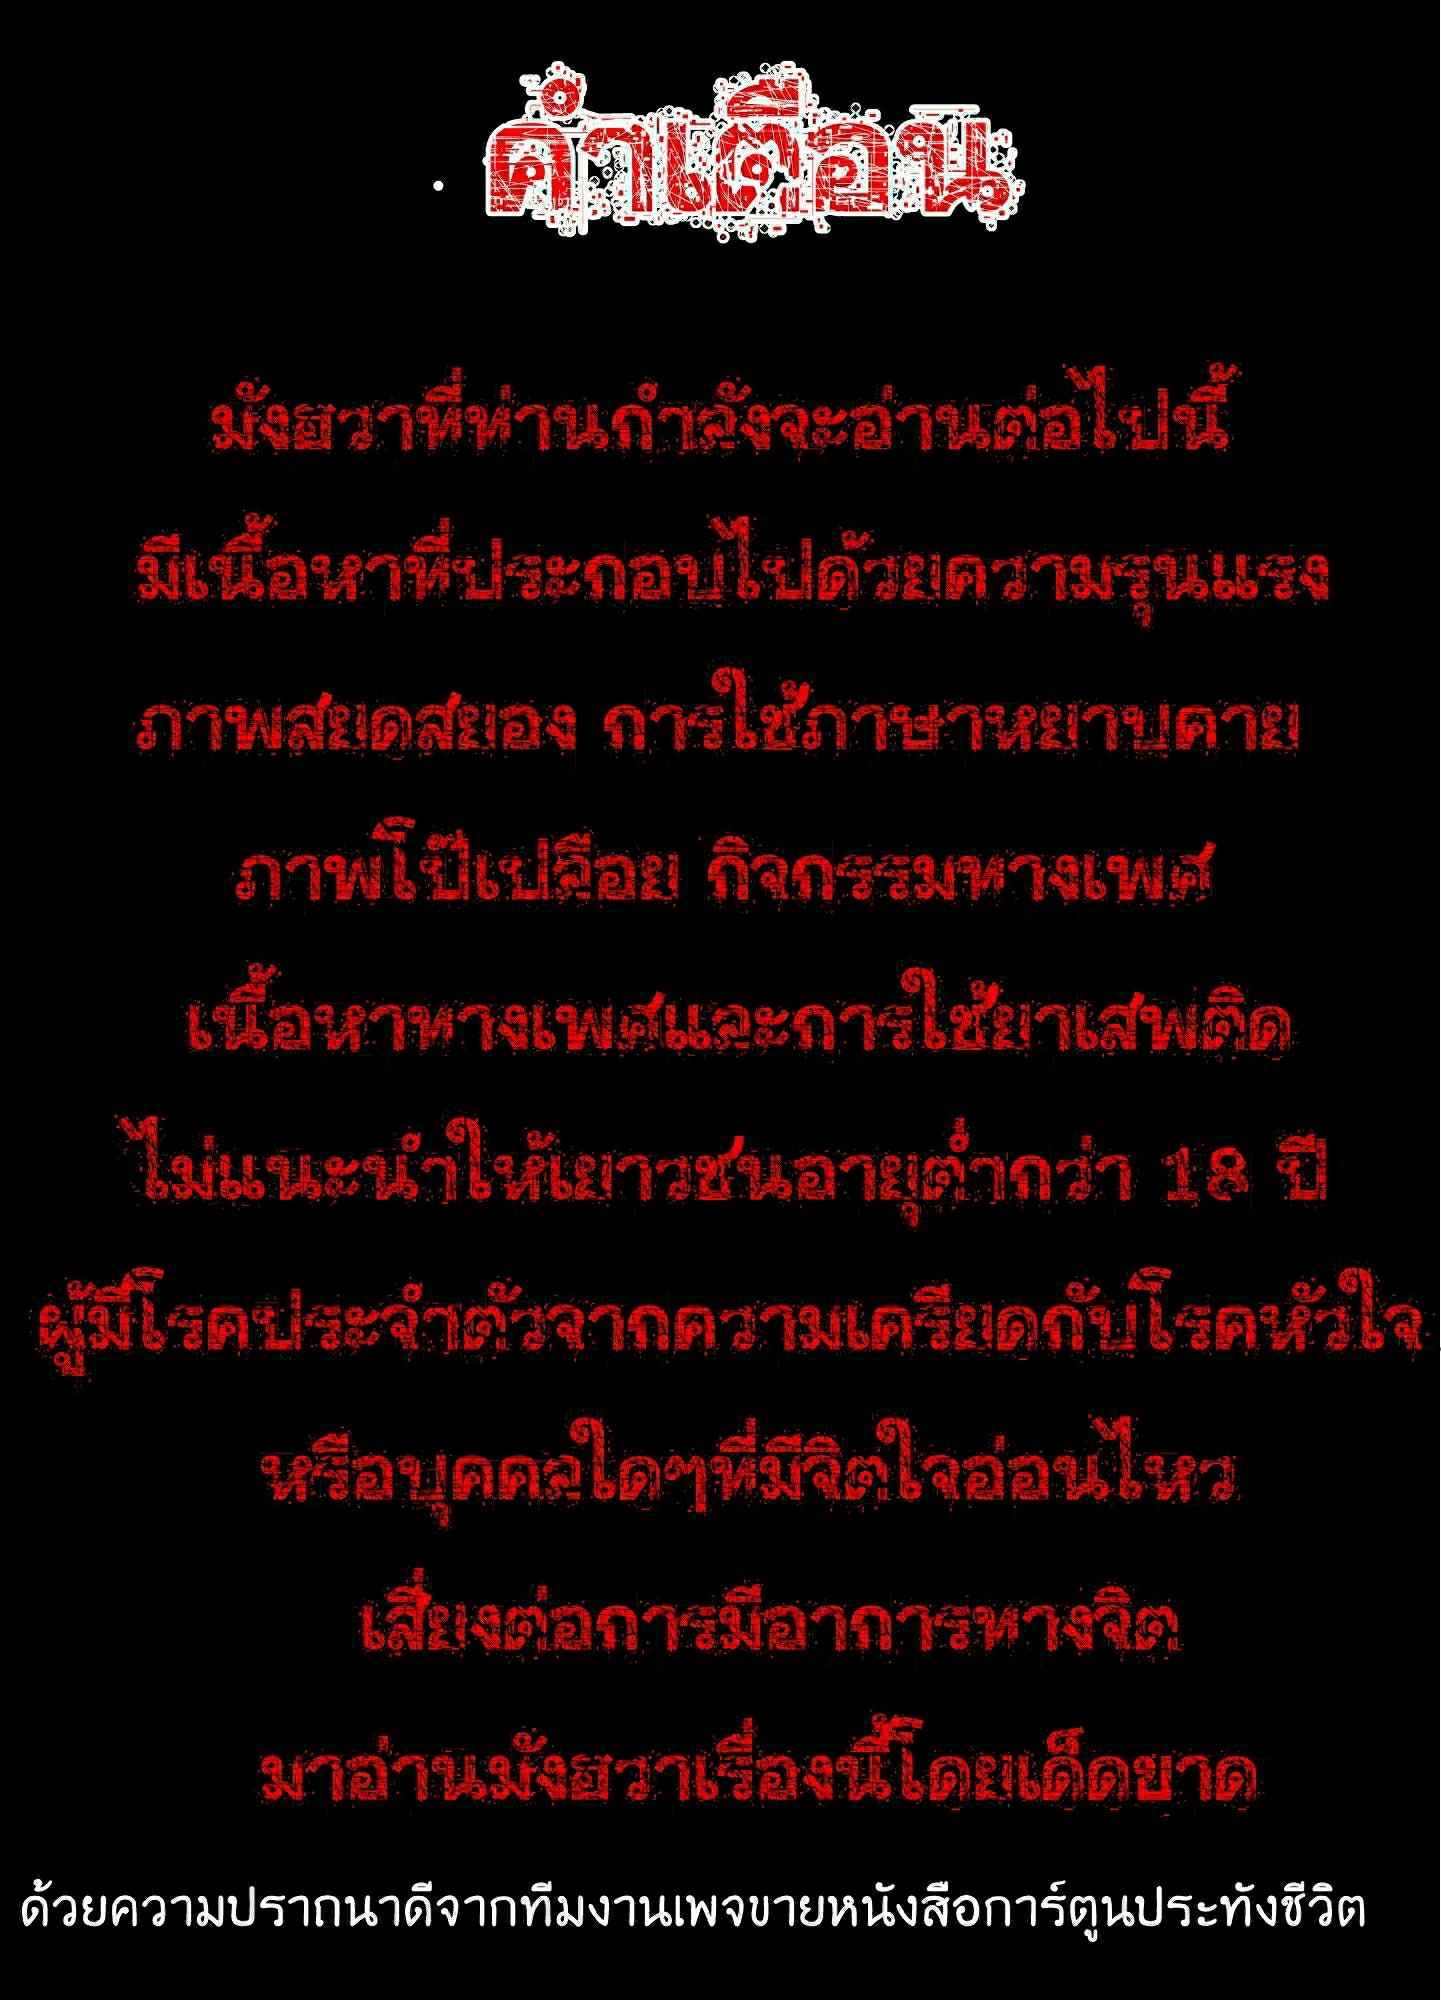 ควีน บี 4